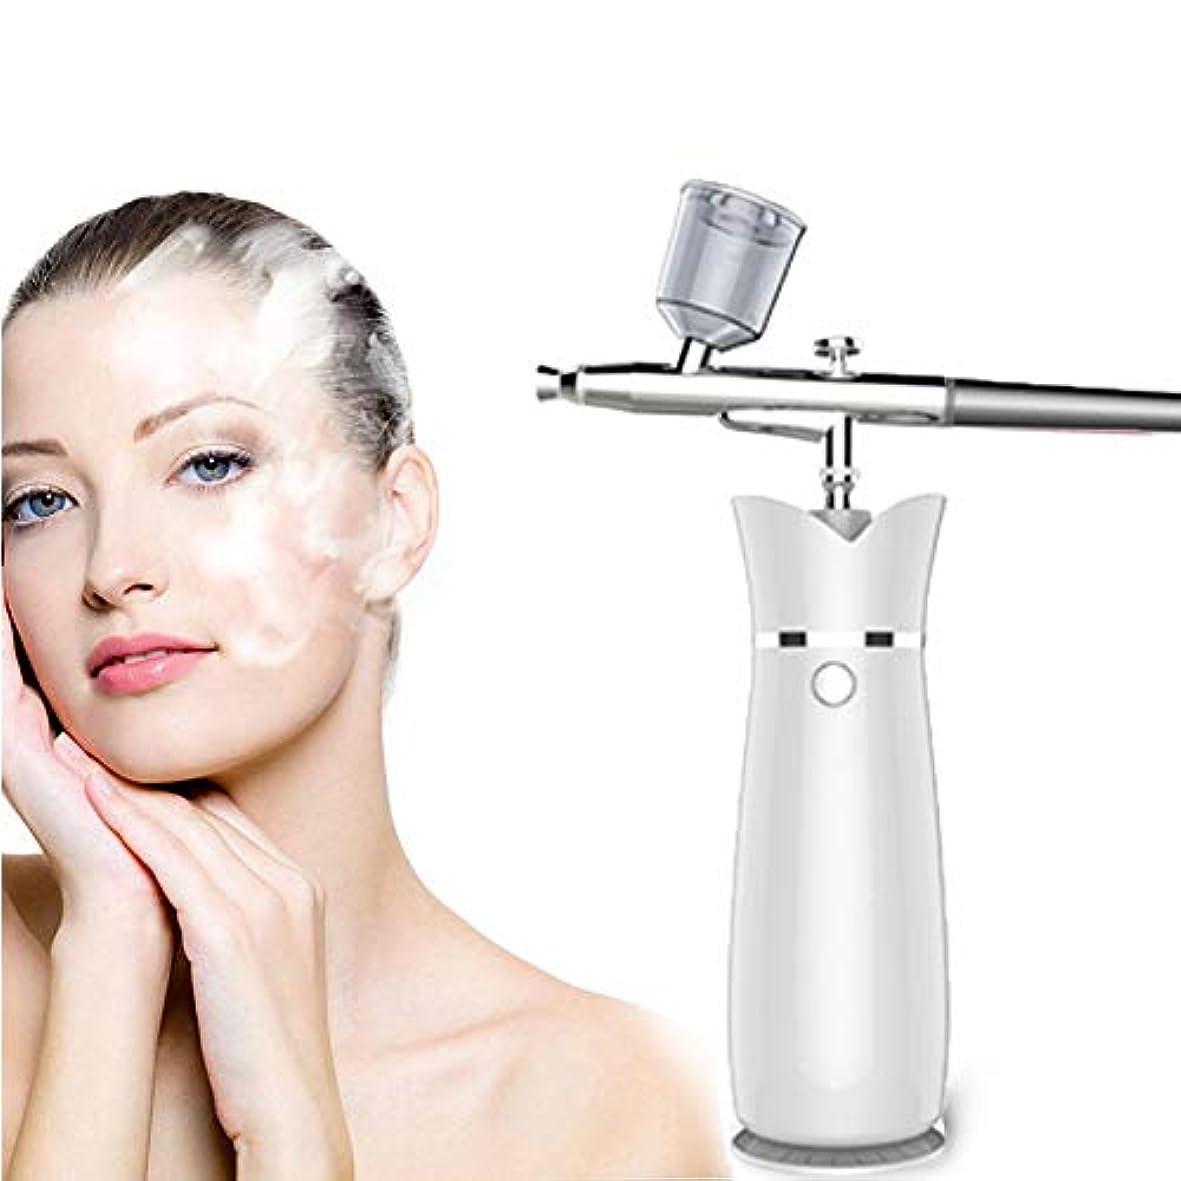 肯定的約設定ファイターポータブルナノミスト噴霧器顔面酸素水注入機顔を保湿するスキンケアツール酸素水注入機を白くするためのナノ水和スパマシンwhite